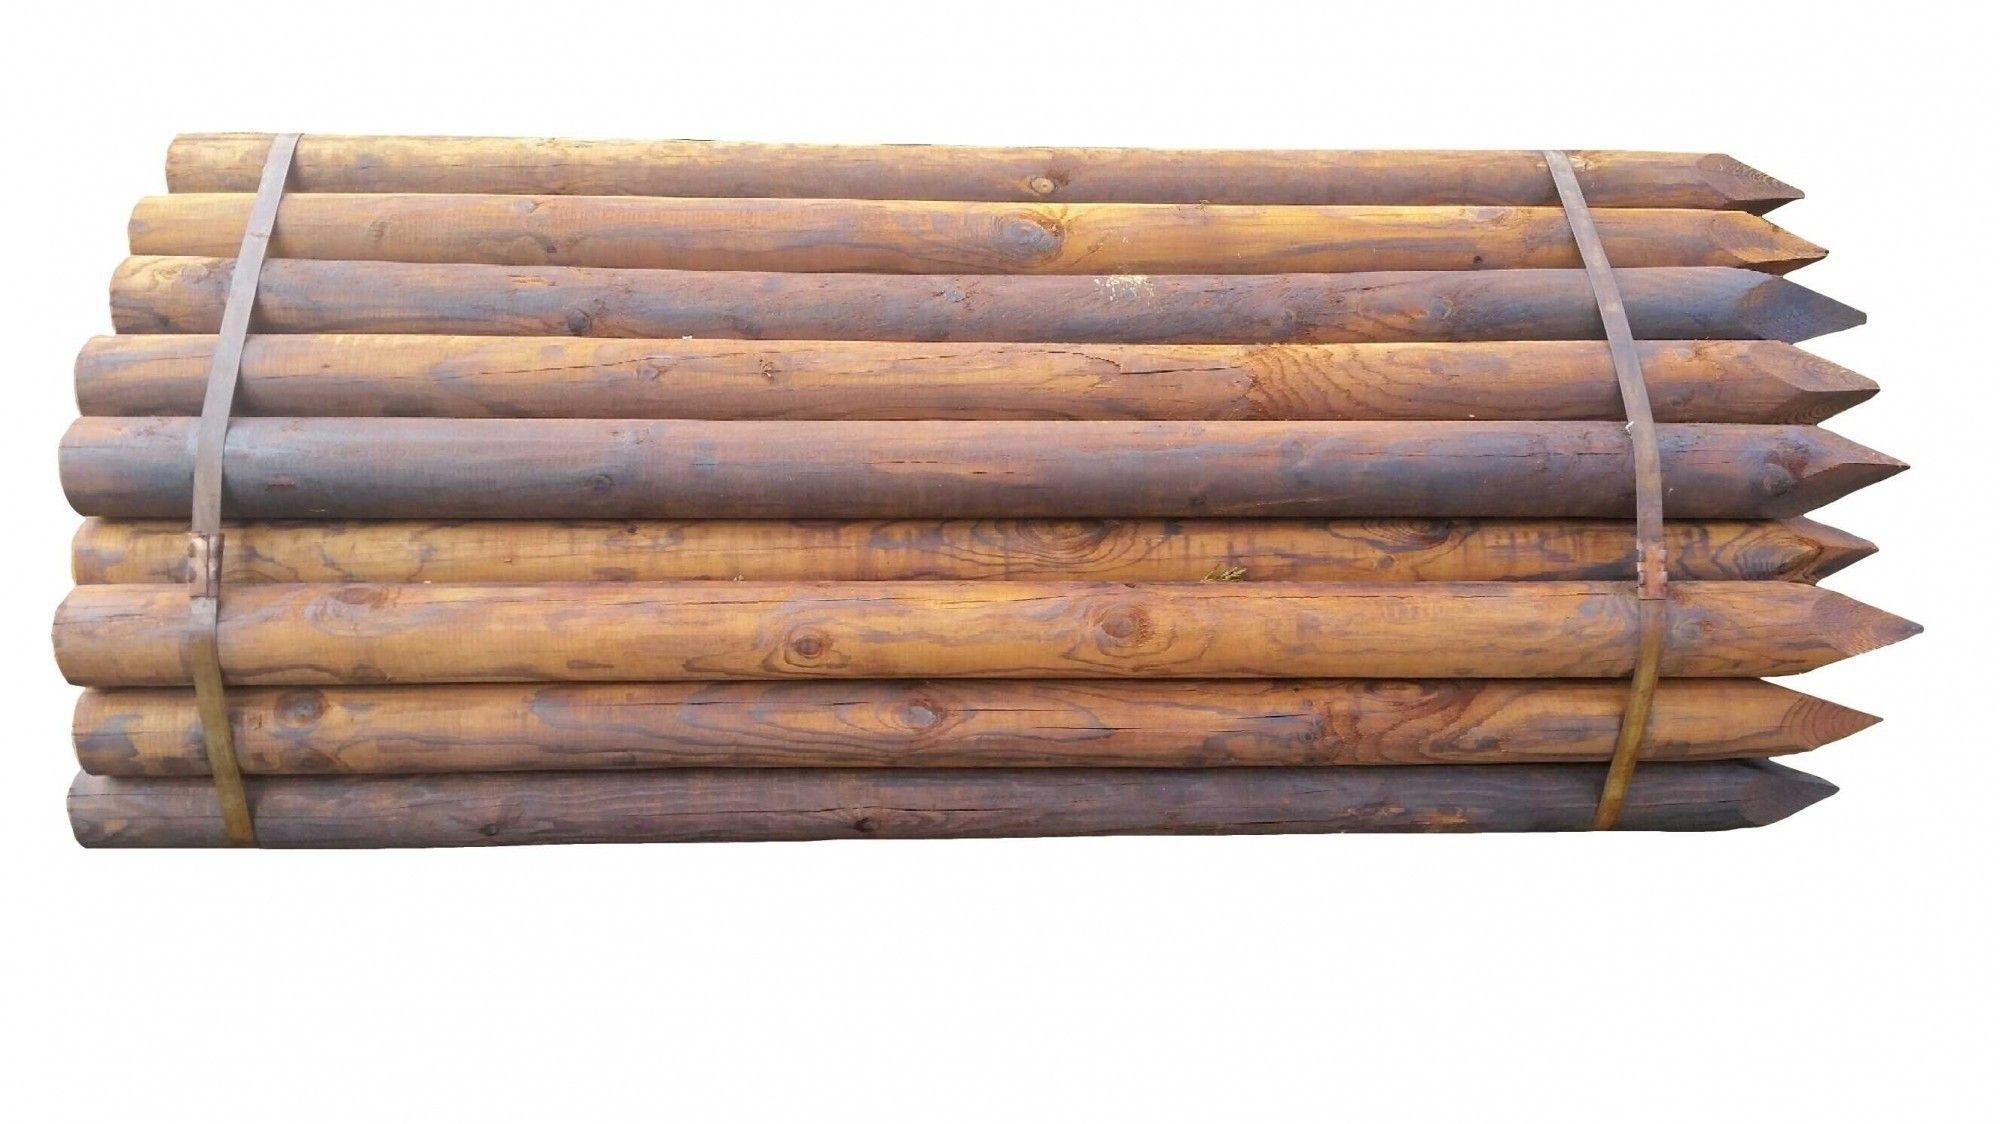 Houten paal Gecreosoteerd 140 x 7.5cm rond gefreesd